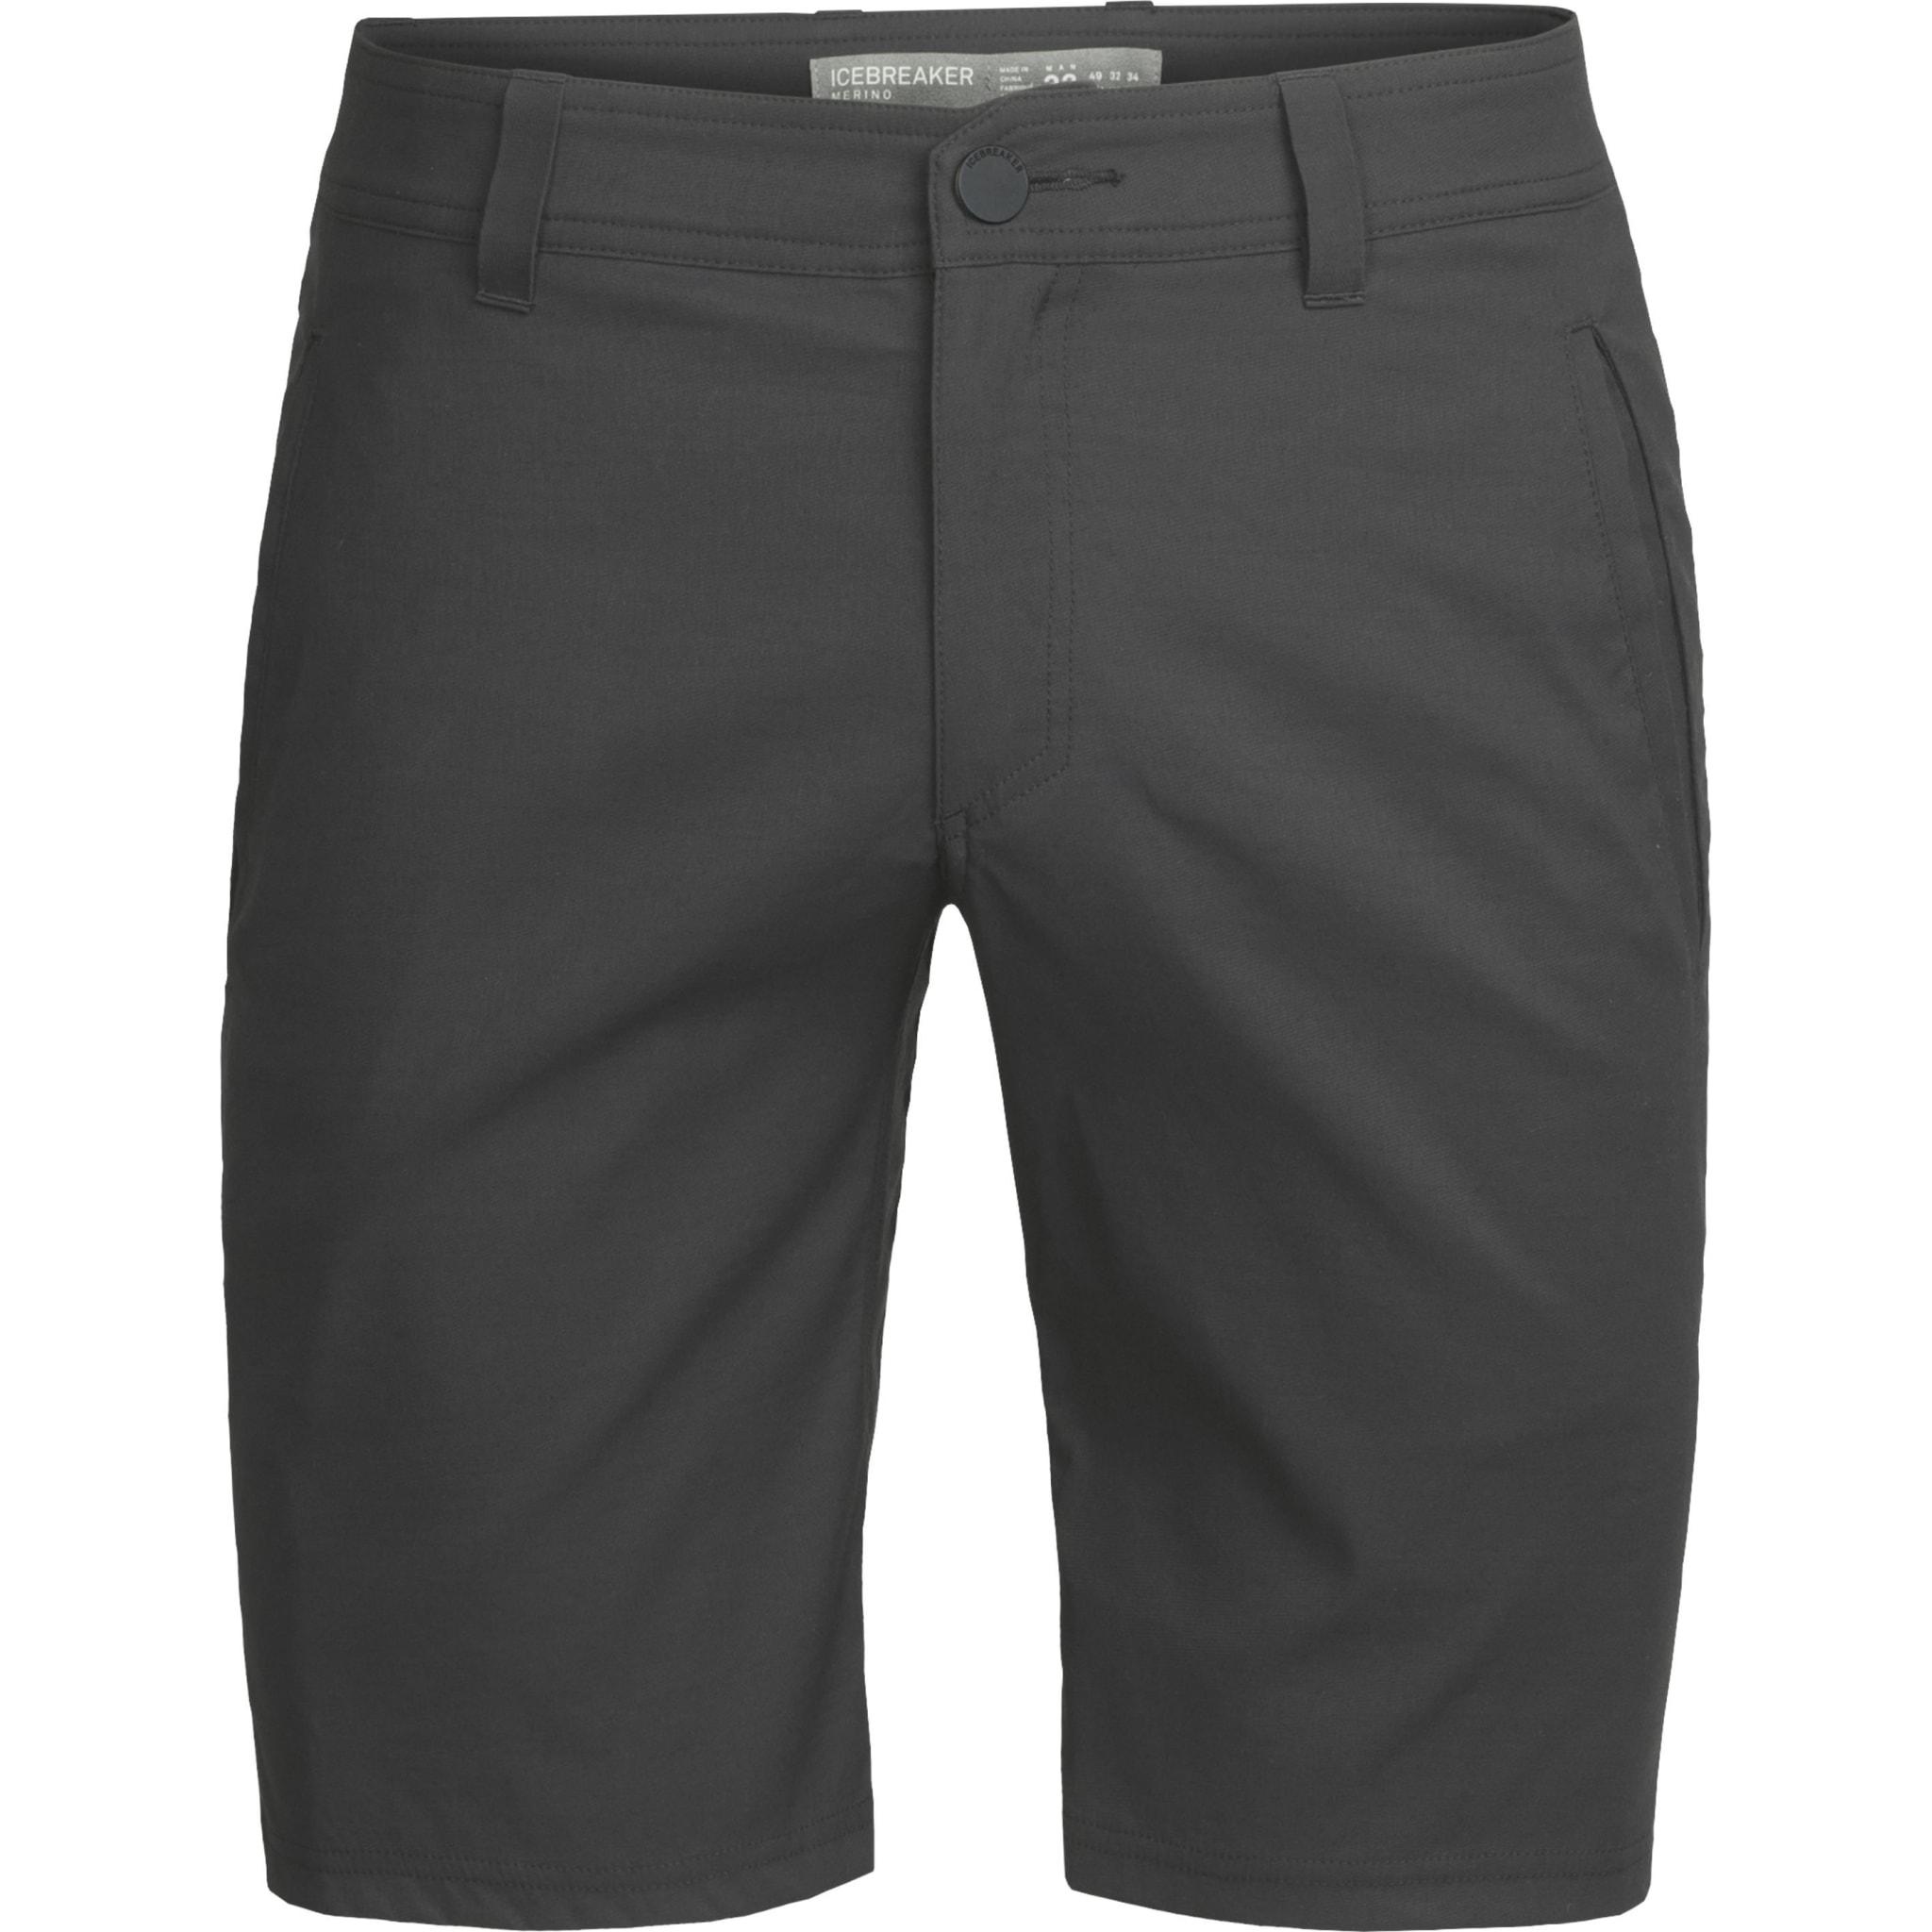 Shorts i kunststoff med tynn lining av merinoull